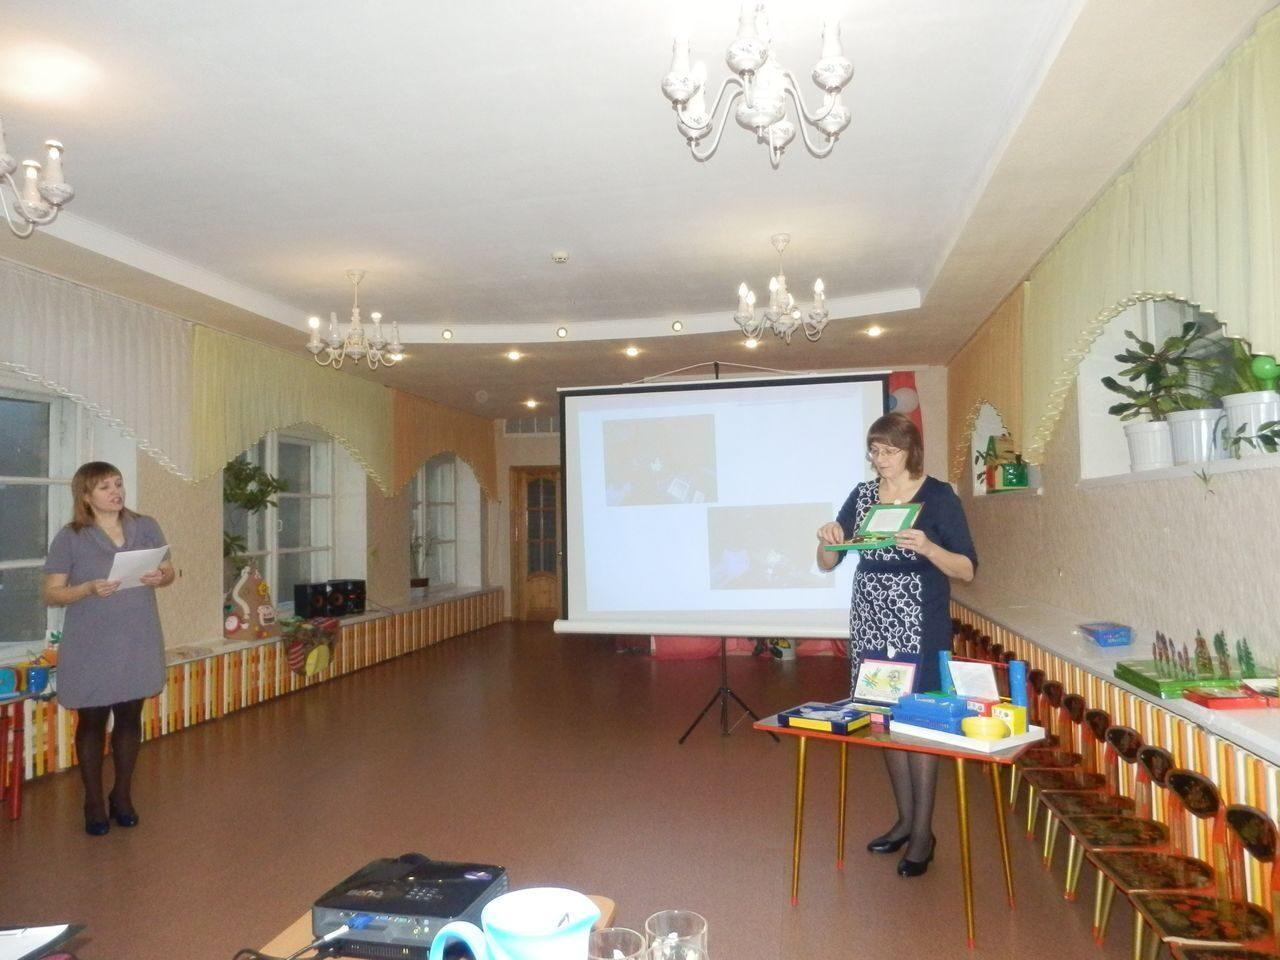 Конкурс педагогические идеи в детском саду